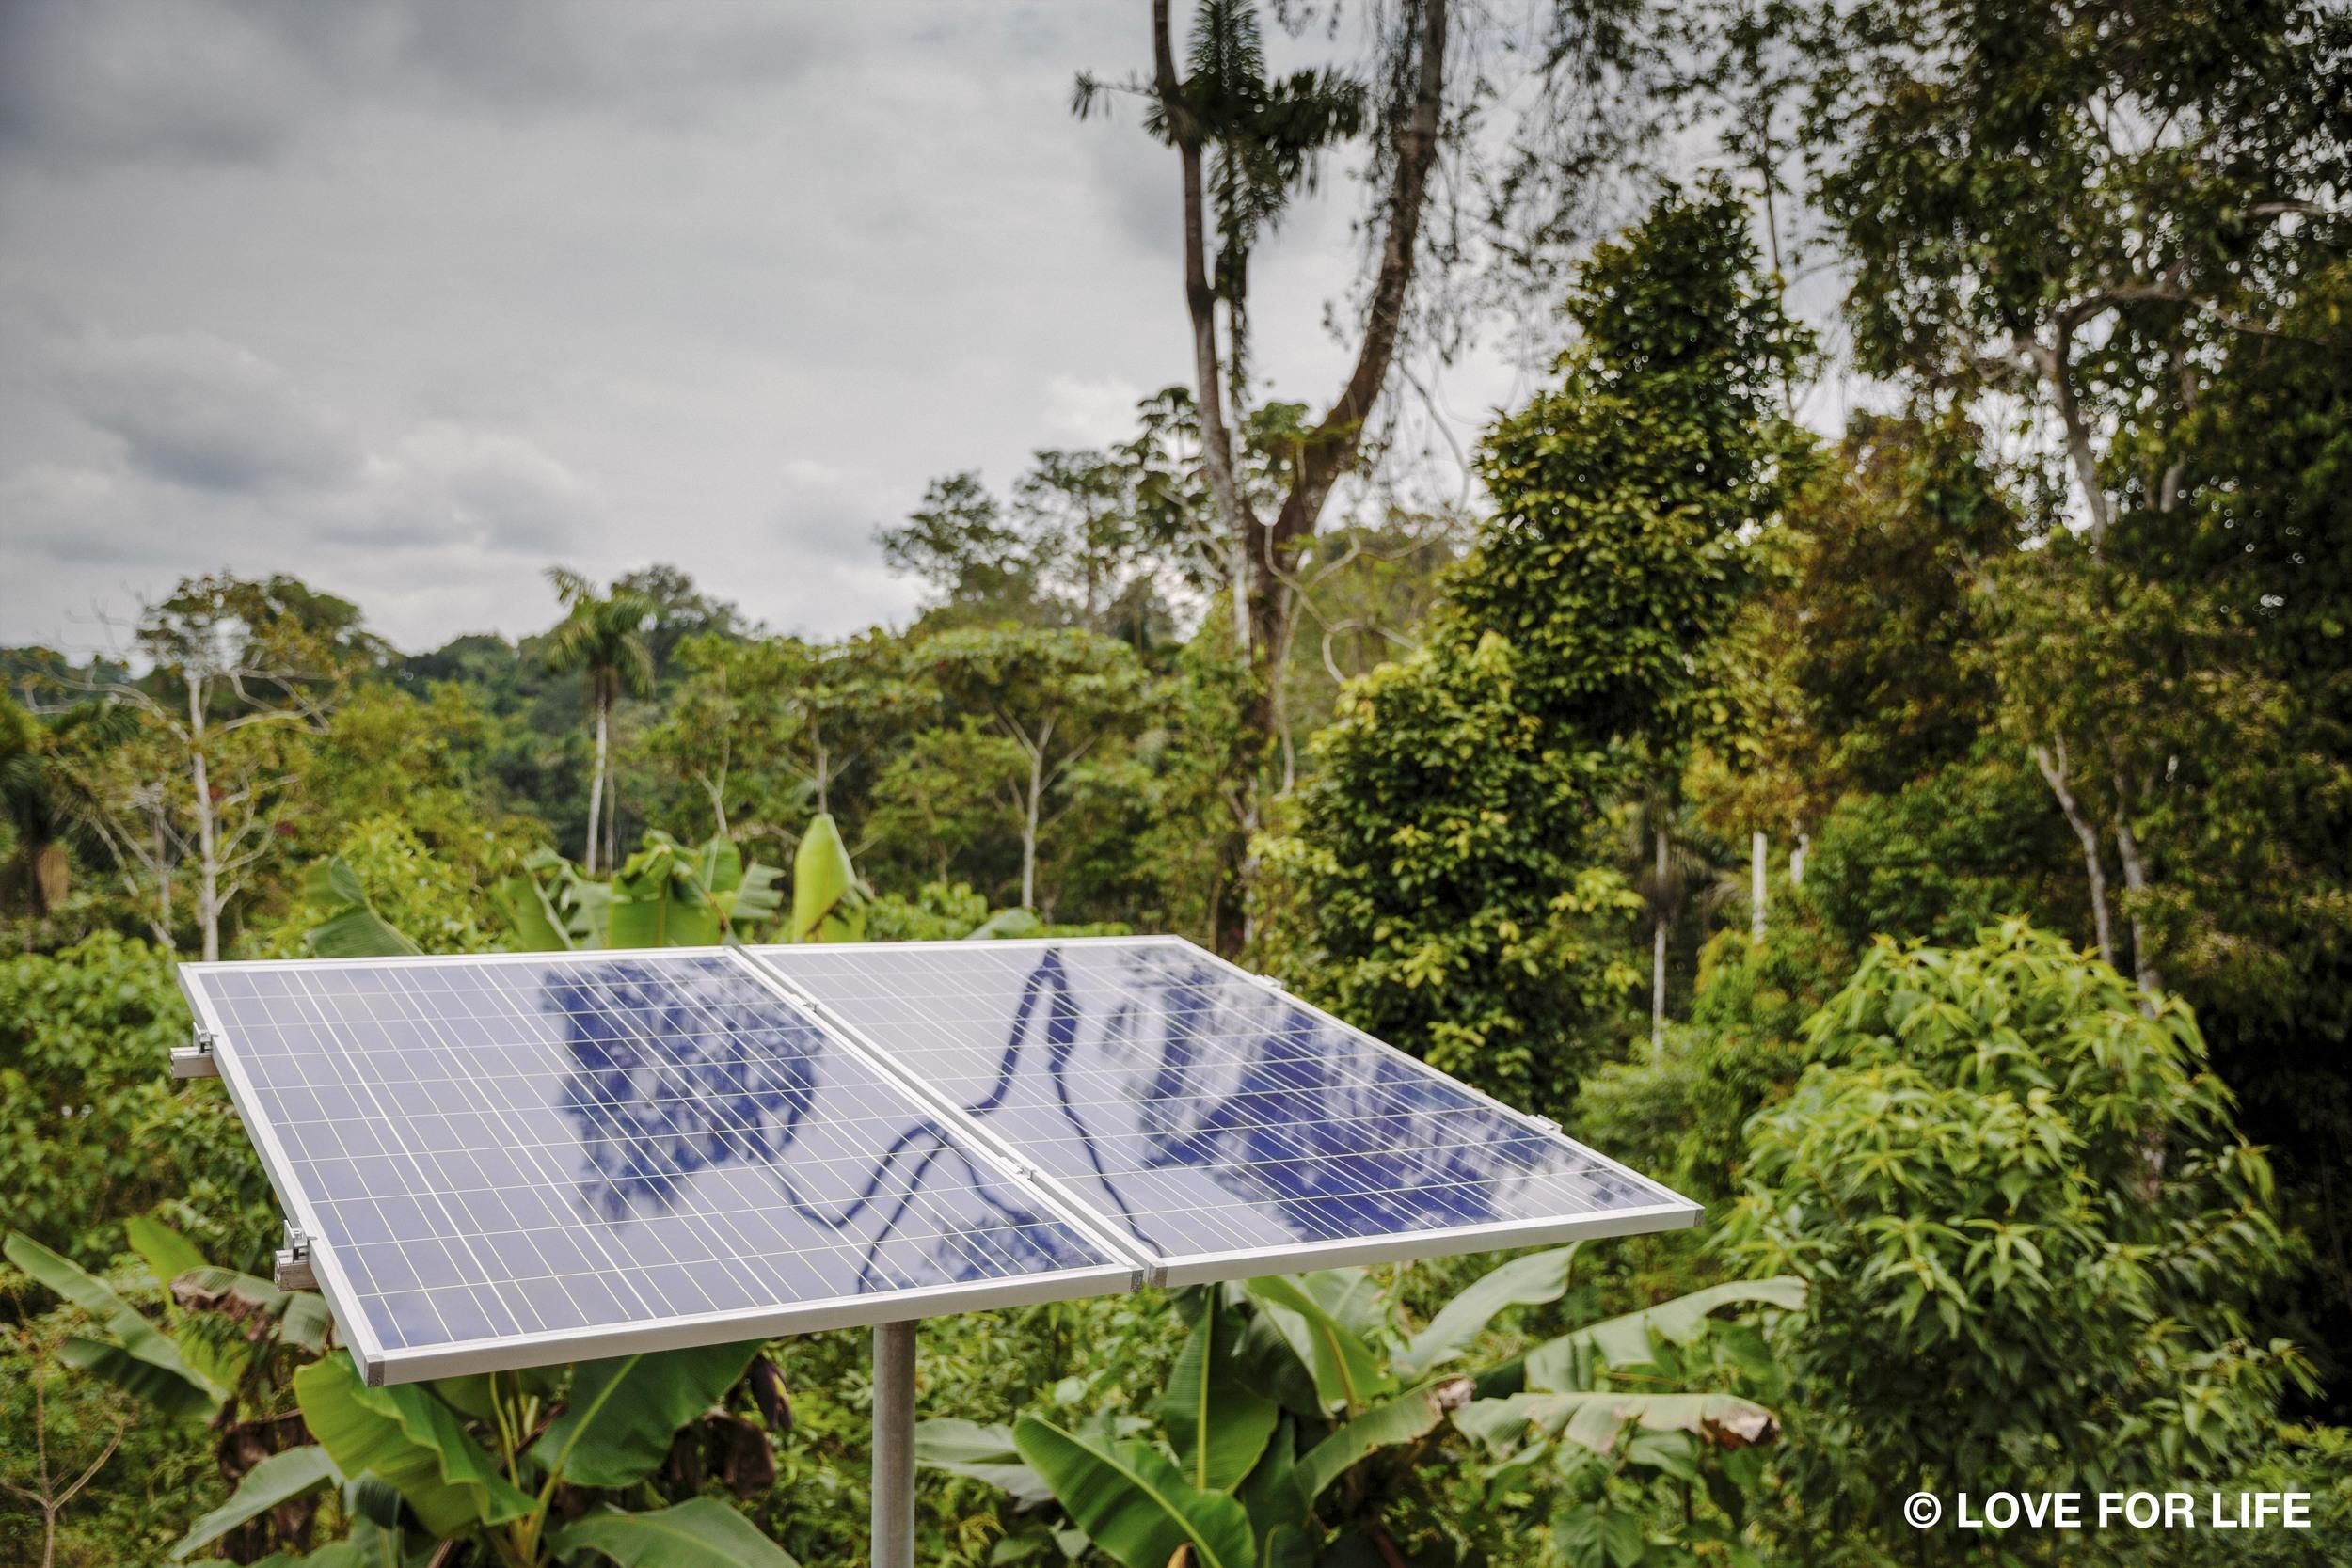 Solarprojekt IMAGINE LIGHT_Solaranlage in der Cofán-Gemeinde Bavoroe im Amazonas.jpg